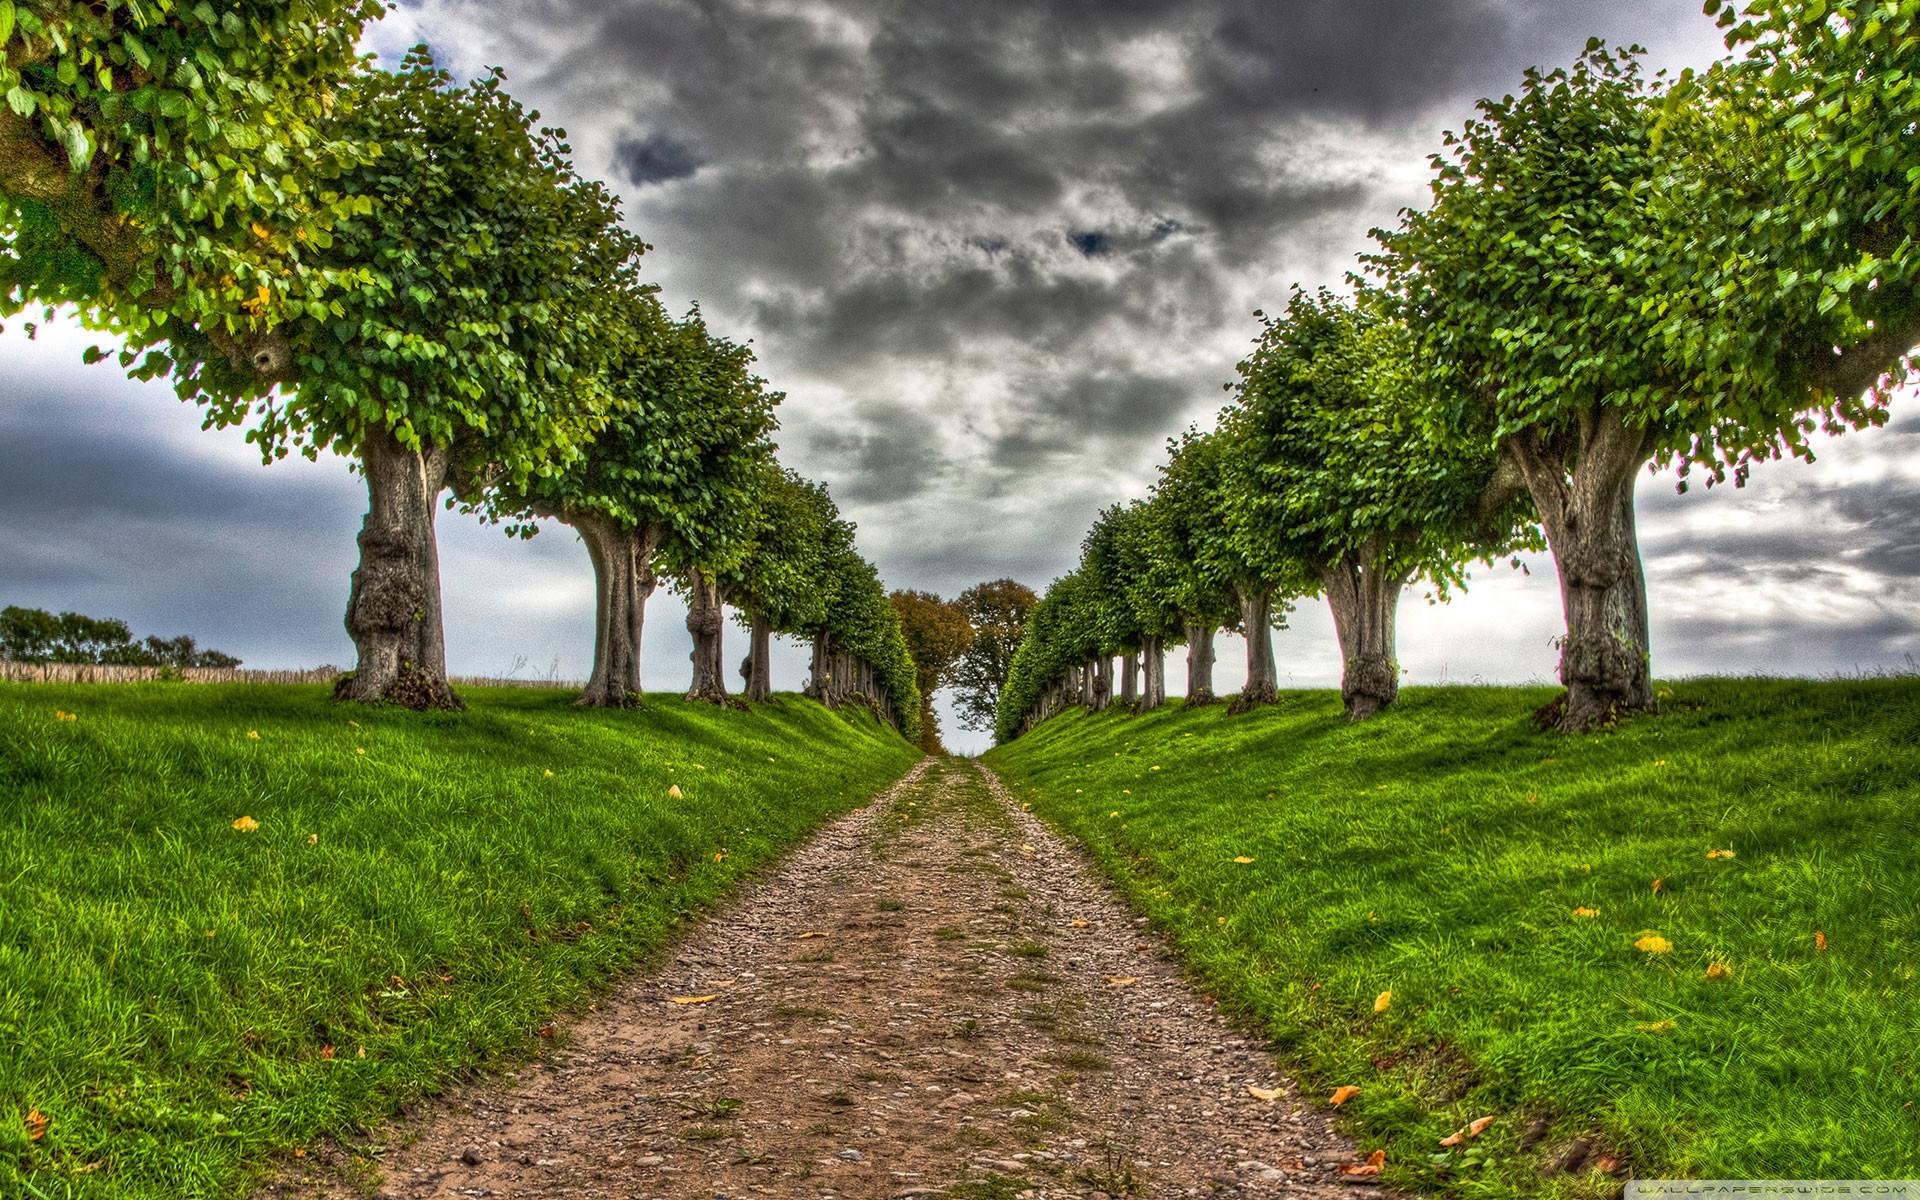 Full HD p Nature Wallpapers, Desktop Backgrounds HD, Pictures Nature Hd  Images Wallpapers Wallpapers)